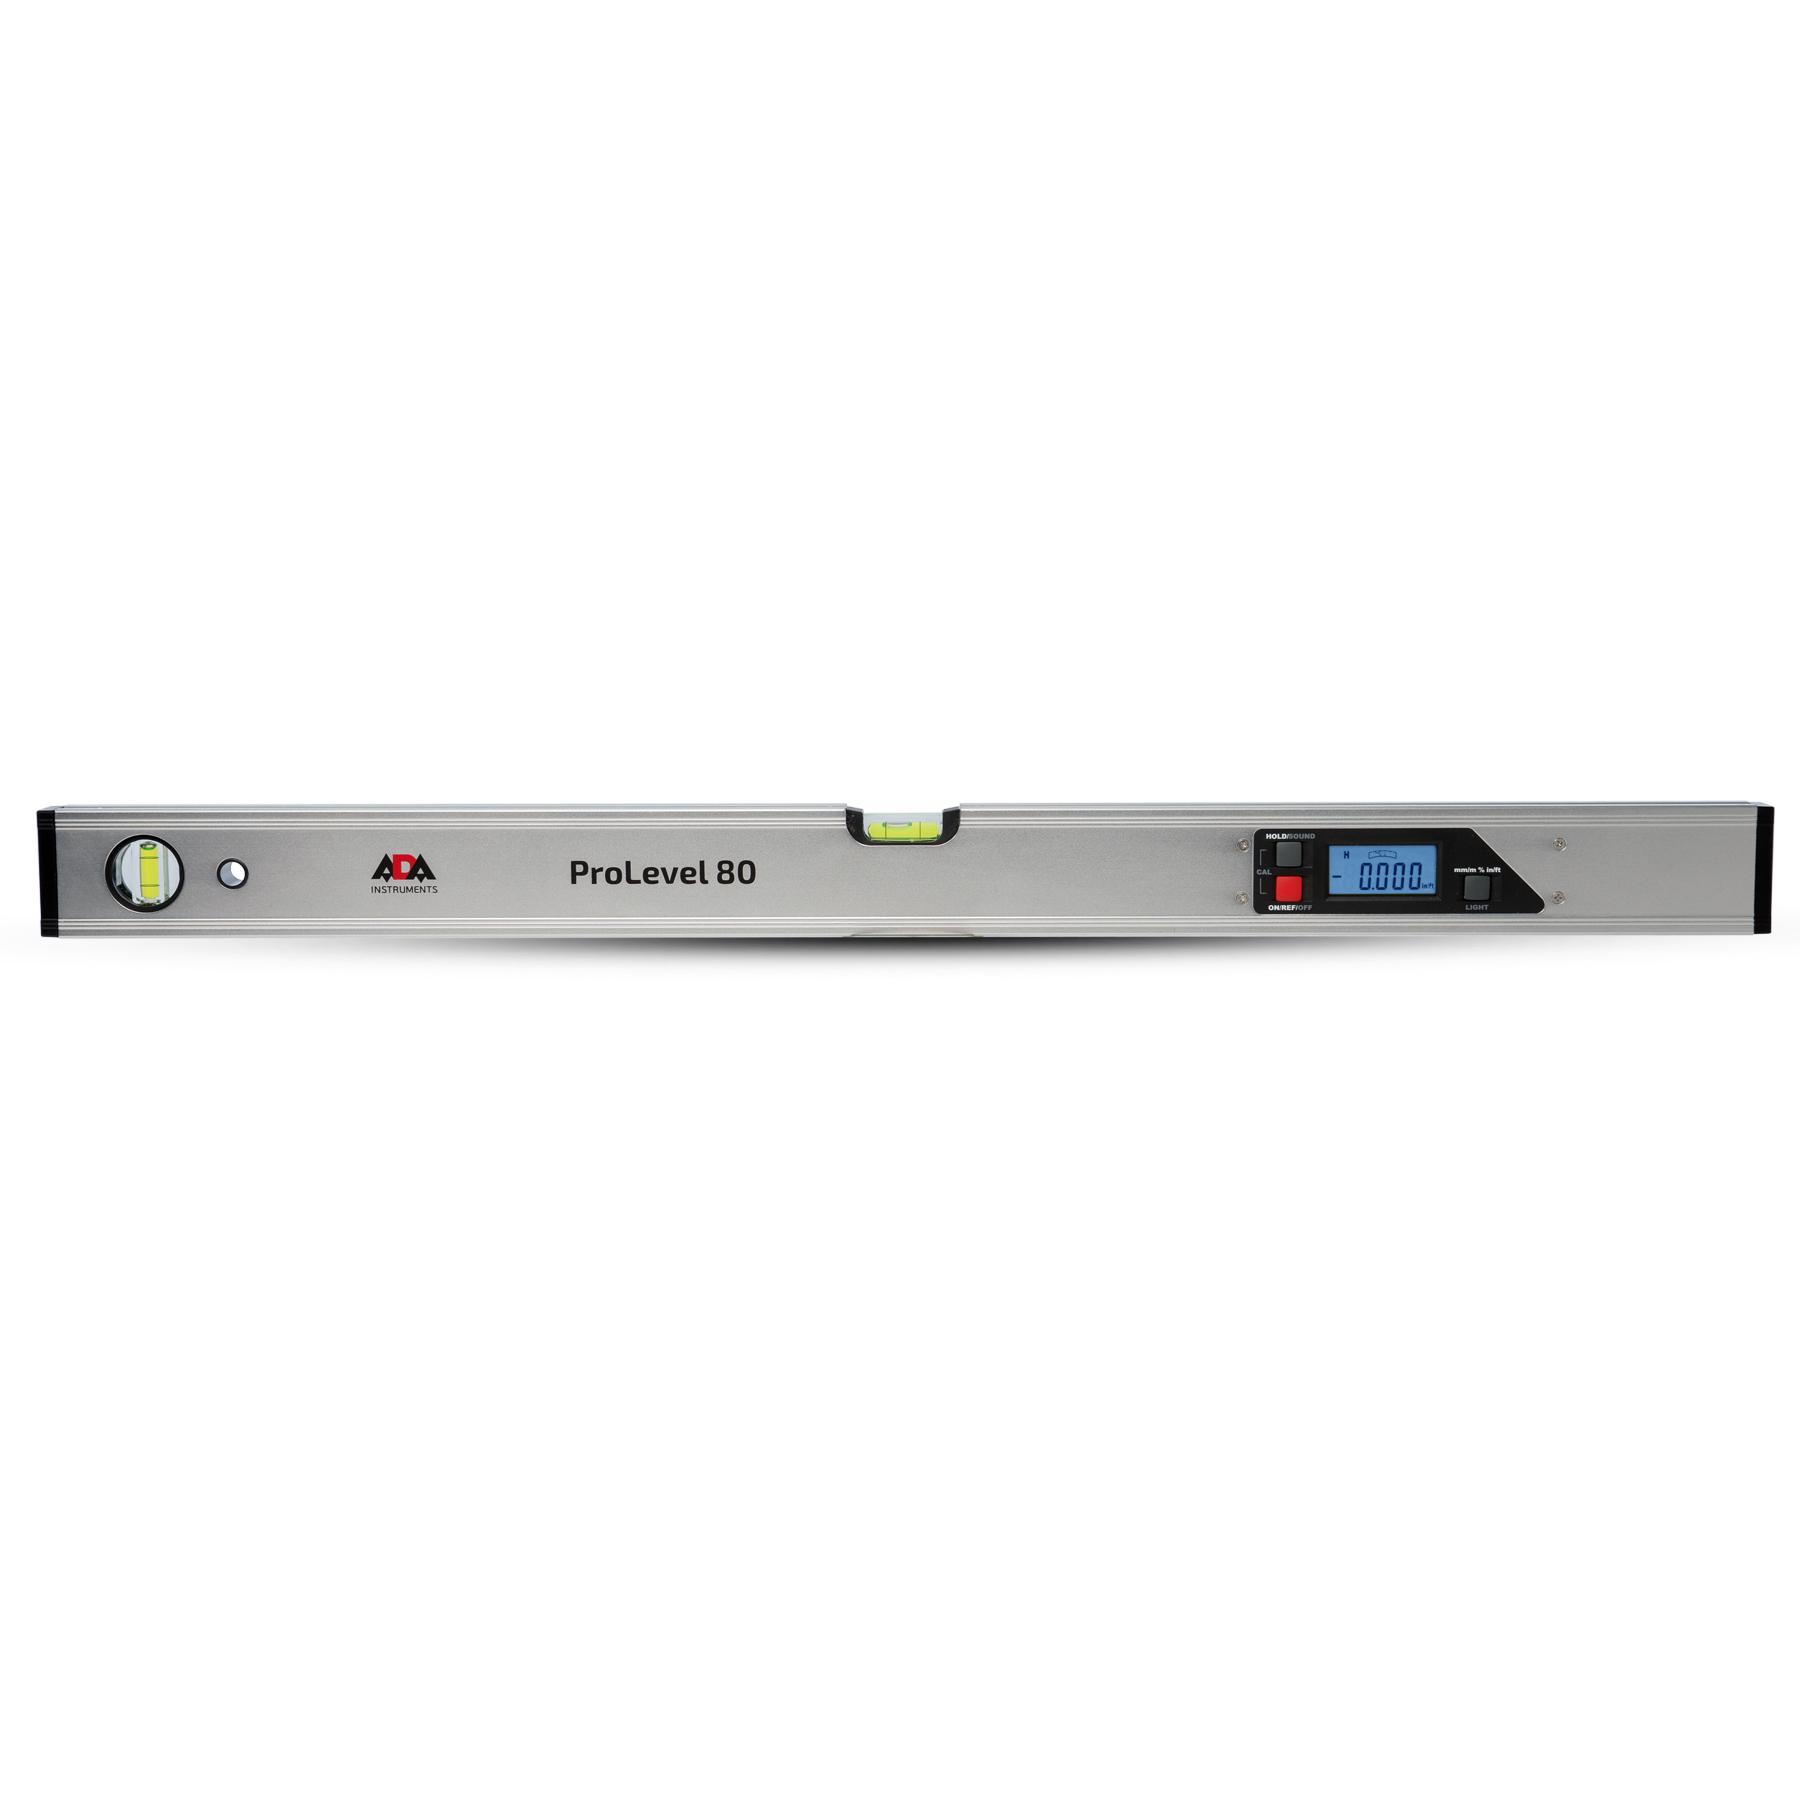 Digital level ADA ProLevel 80